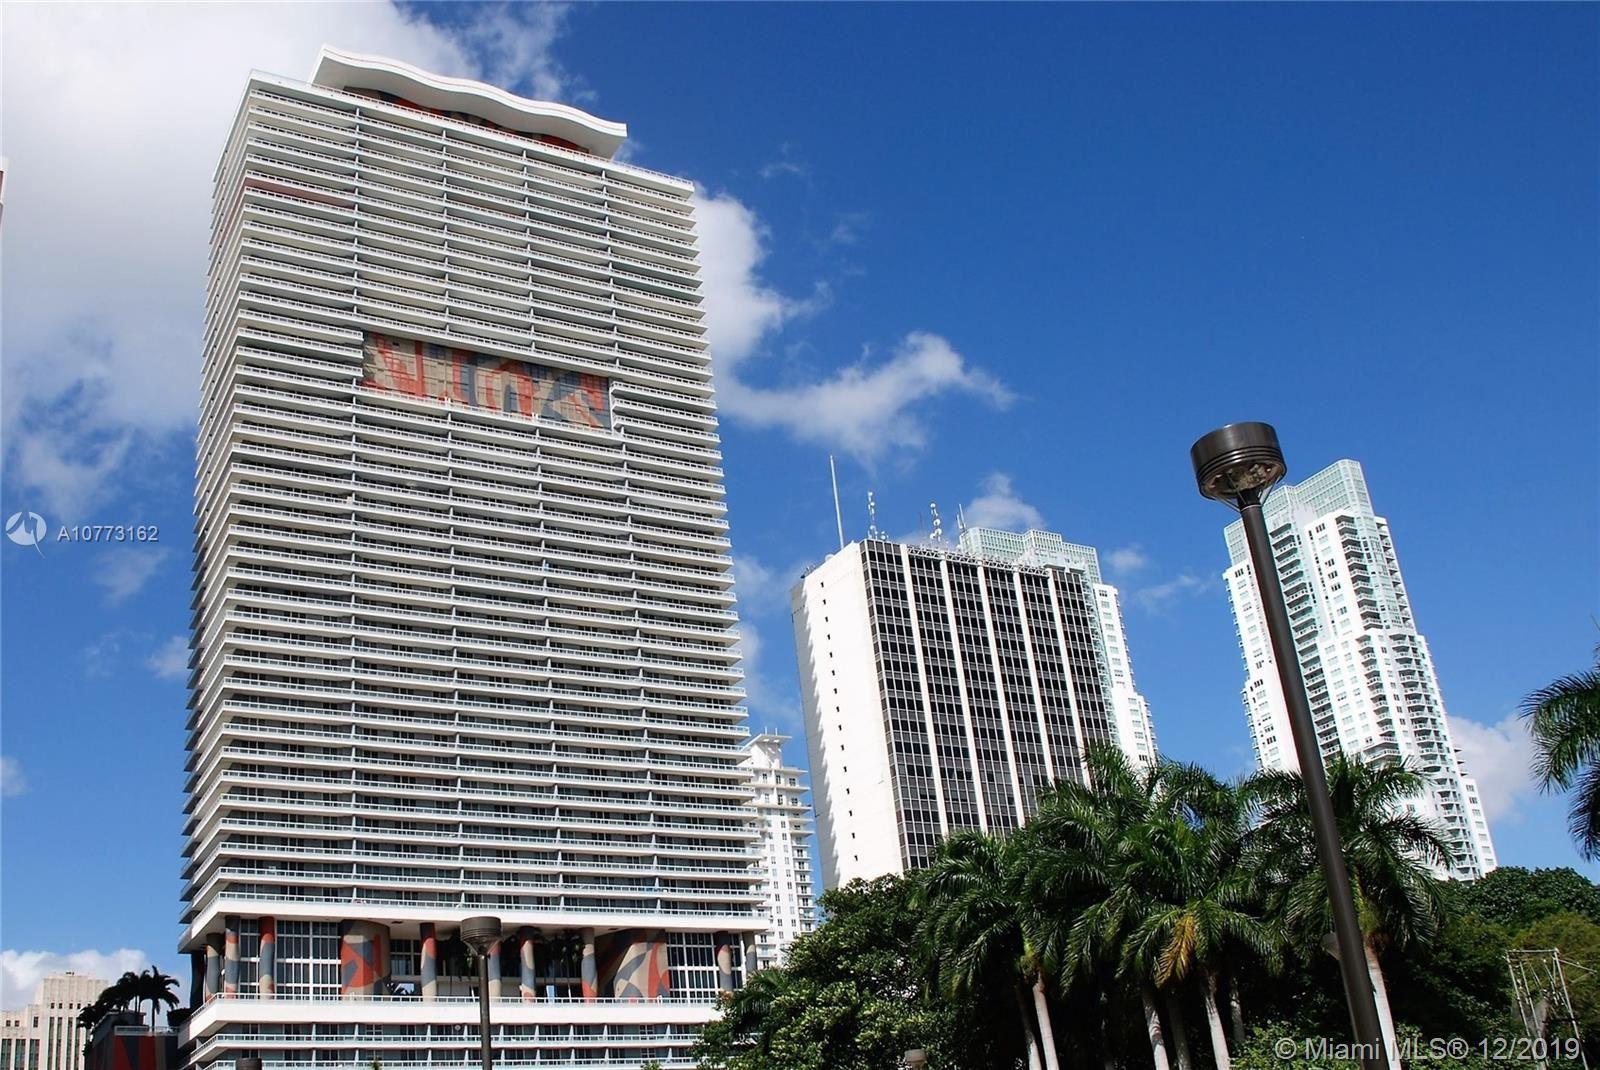 50 Biscayne Blvd #4611, Miami, FL 33132 - MLS#: A10773162